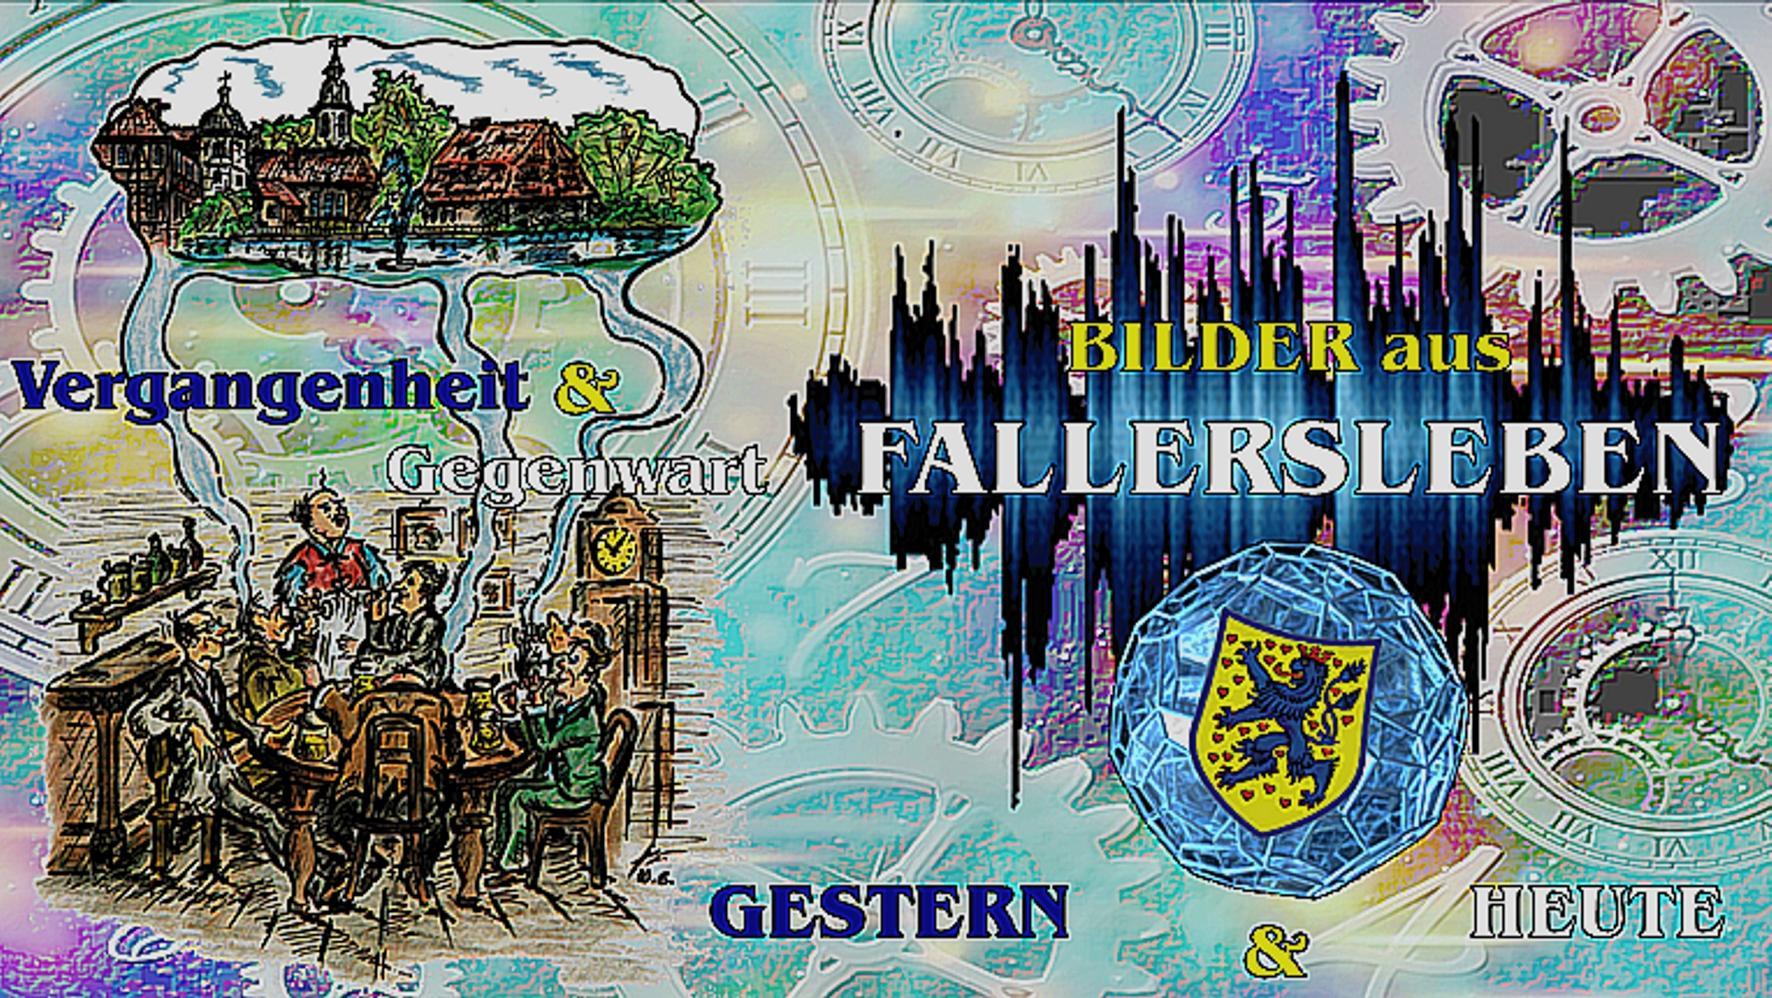 Fallersleben Bilder GESTERN und HEUTE